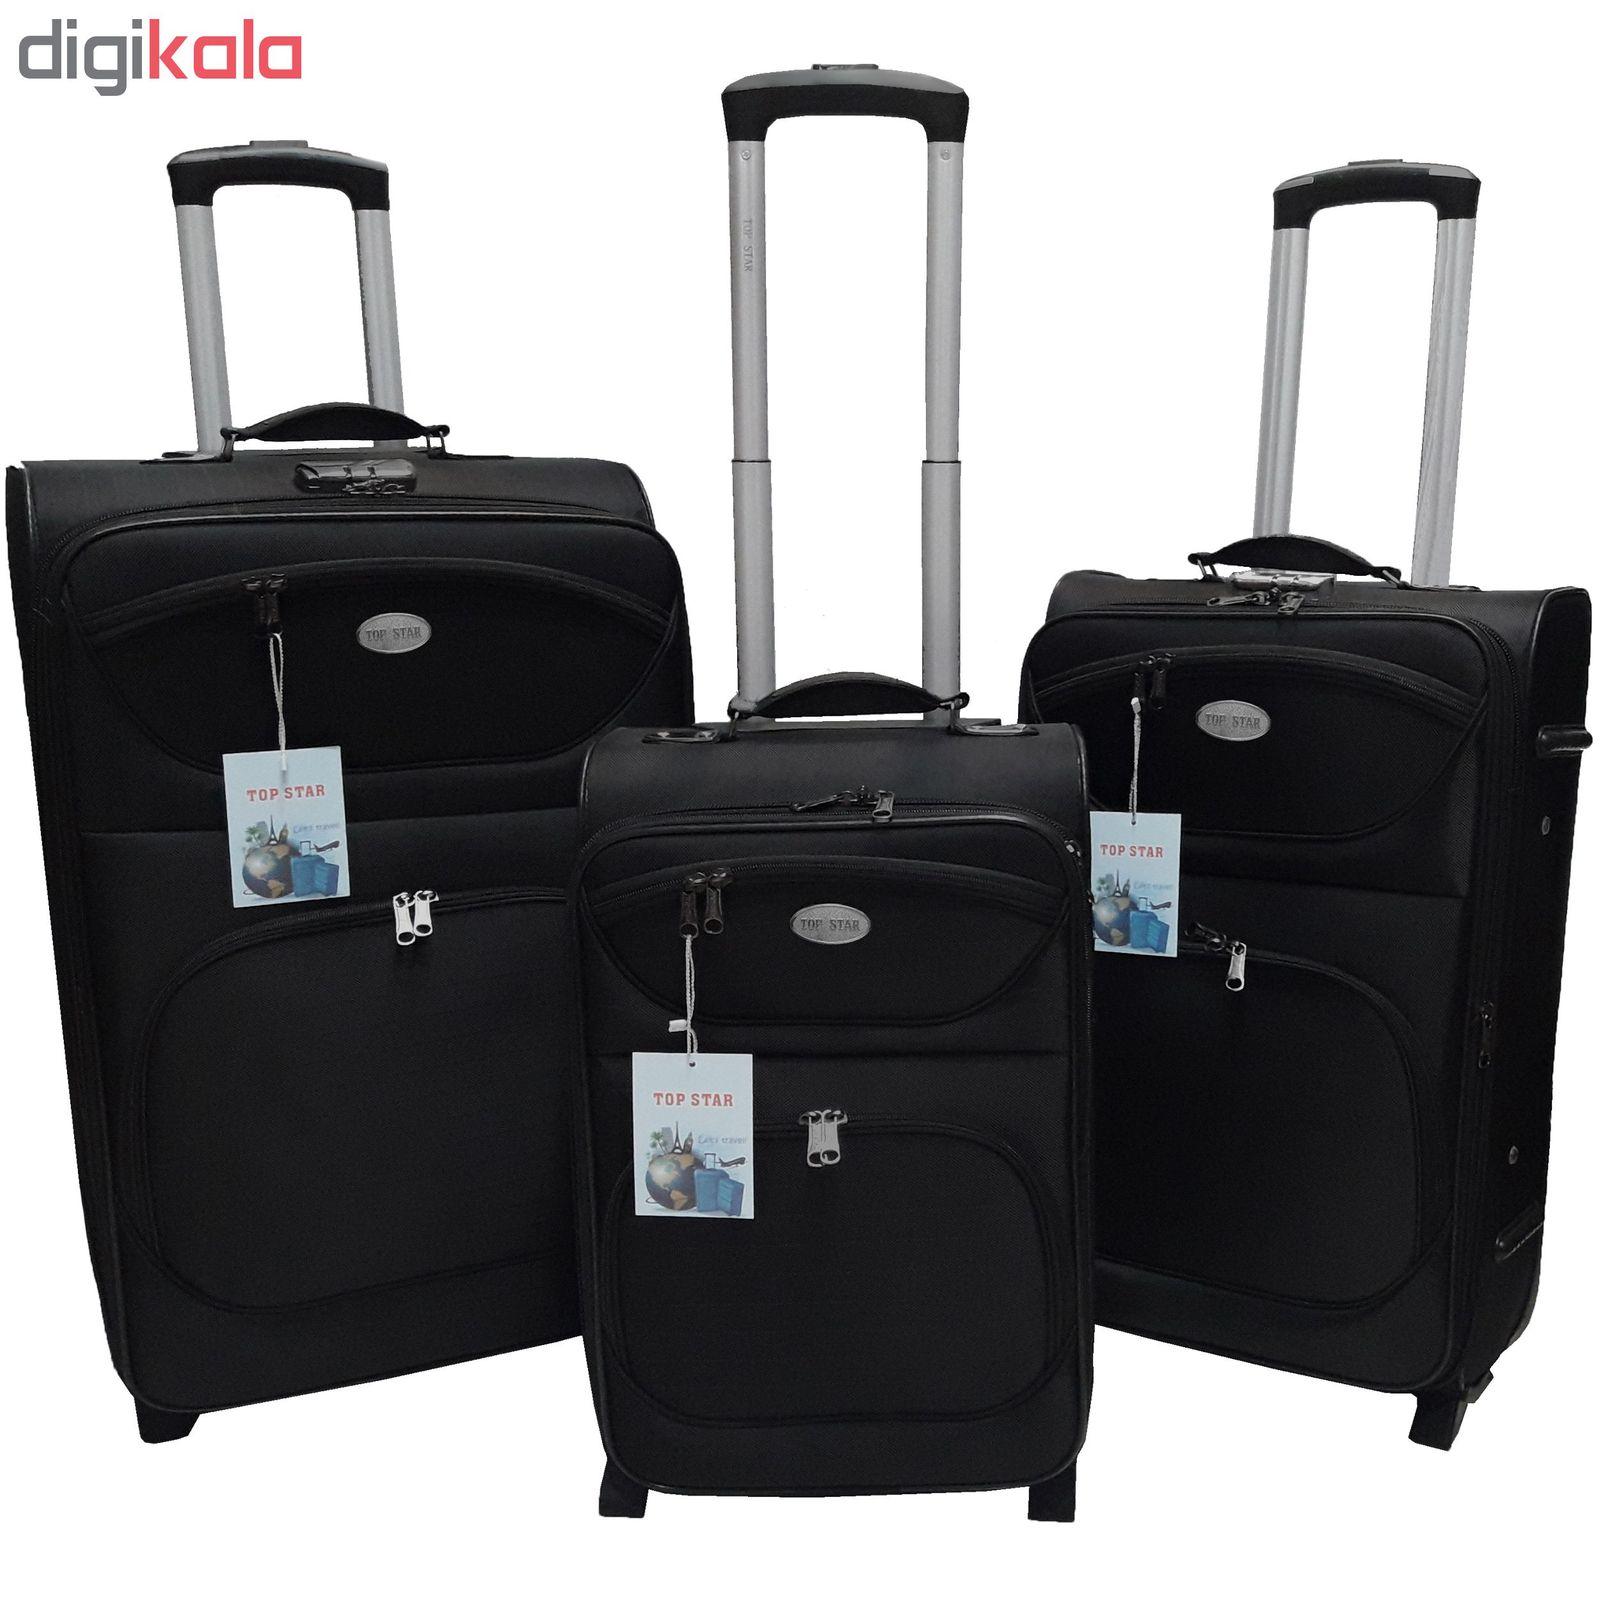 مجموعه سه عددی چمدان تاپ استار مدل t3 main 1 1